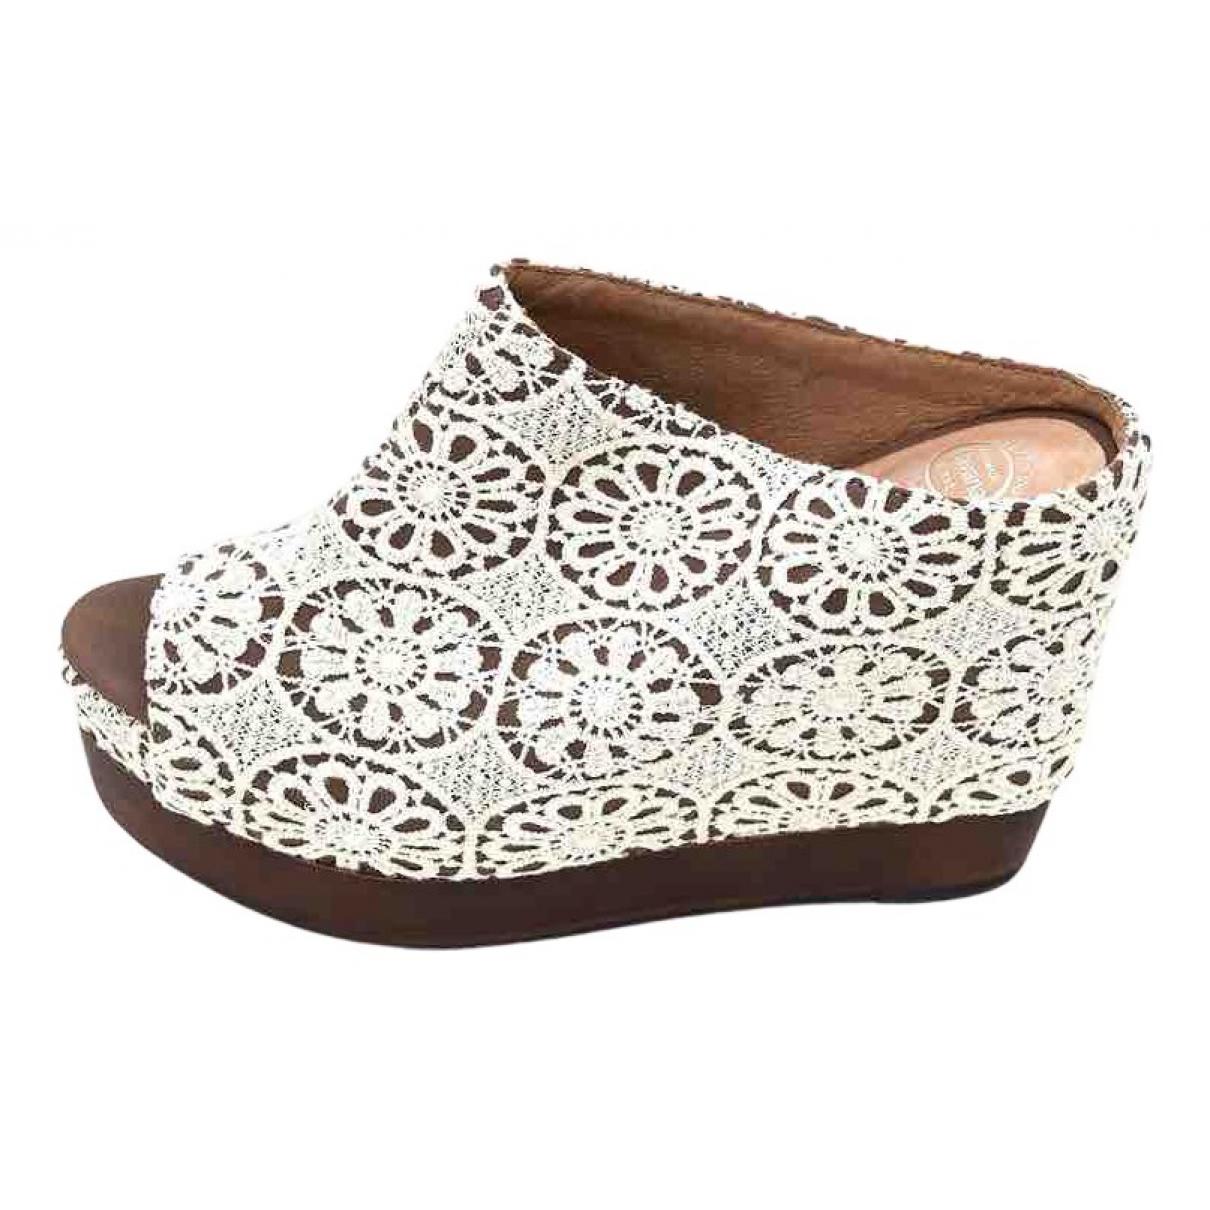 Jeffrey Campbell - Boots   pour femme en cuir - blanc